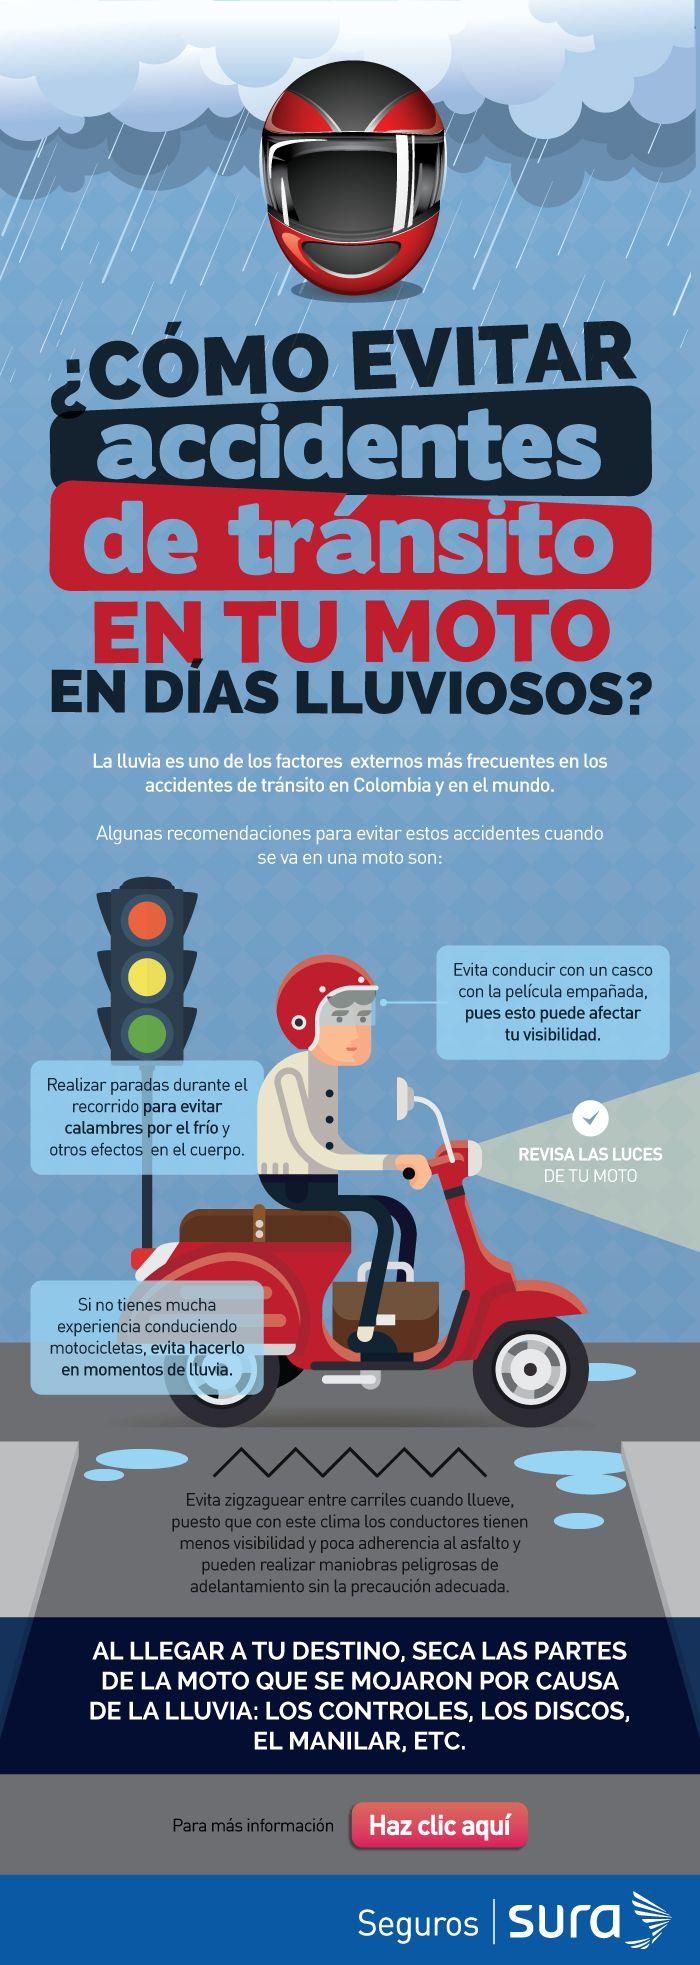 La lluvia es uno de los factores externos más frecuentes en los accidentes de tránsito en Colombia y en el mundo.   Cualquier conductor en Colombia sabe que la lluvia puede llegar sin aviso. Que en nuestros países tropicales, sin verano, invierno, otoño o primavera, un día soleado puede convertirse en una tormenta en cuestión de horas, ocasionando, entre otros, trancones, demoras, y más grave aún, accidentes de tránsito.